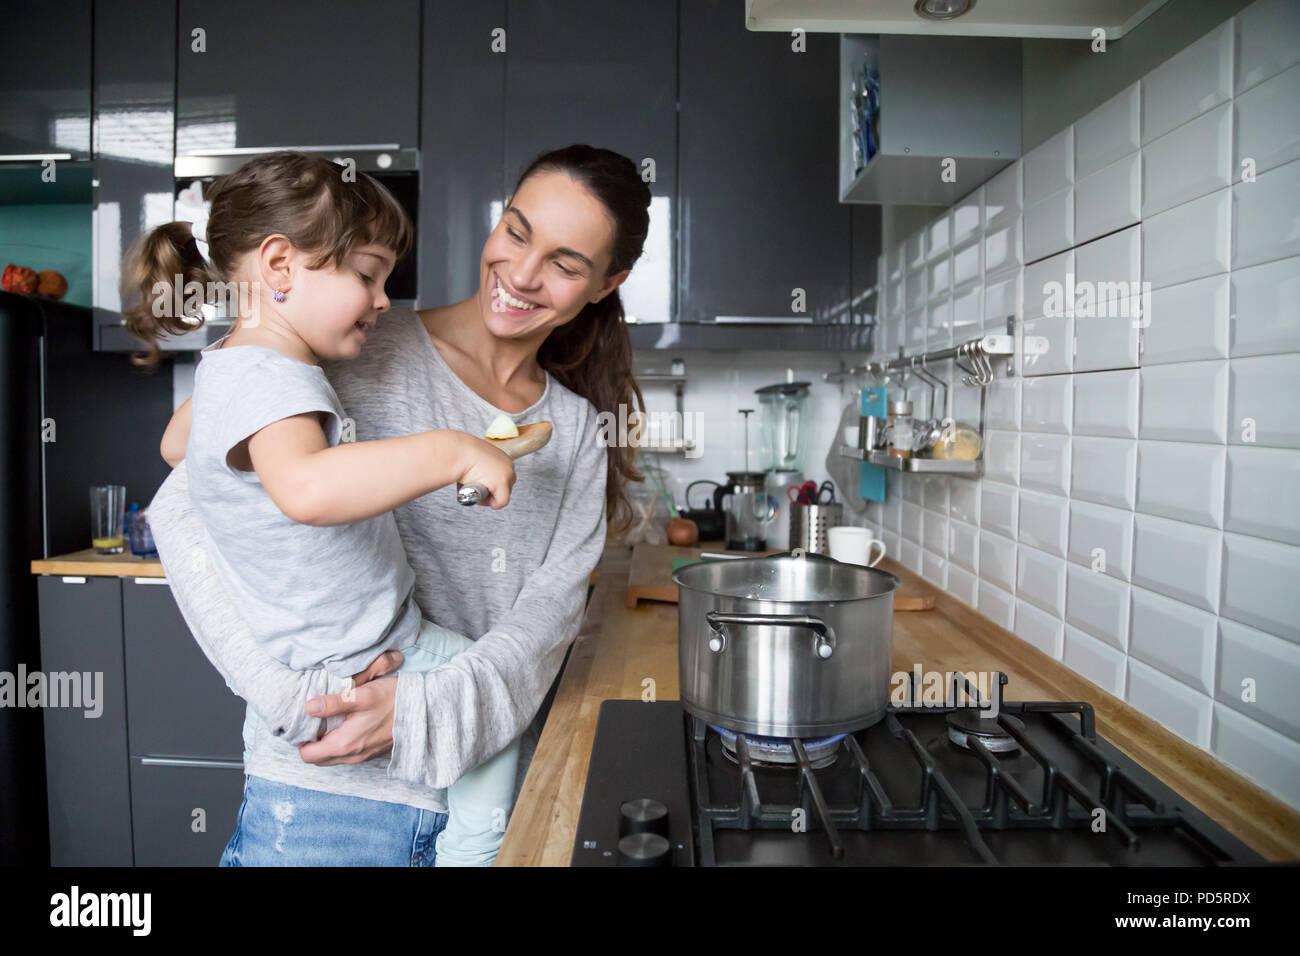 Smiling holding mère fille enfant curieux au sujet de la cuisson en kitche Photo Stock